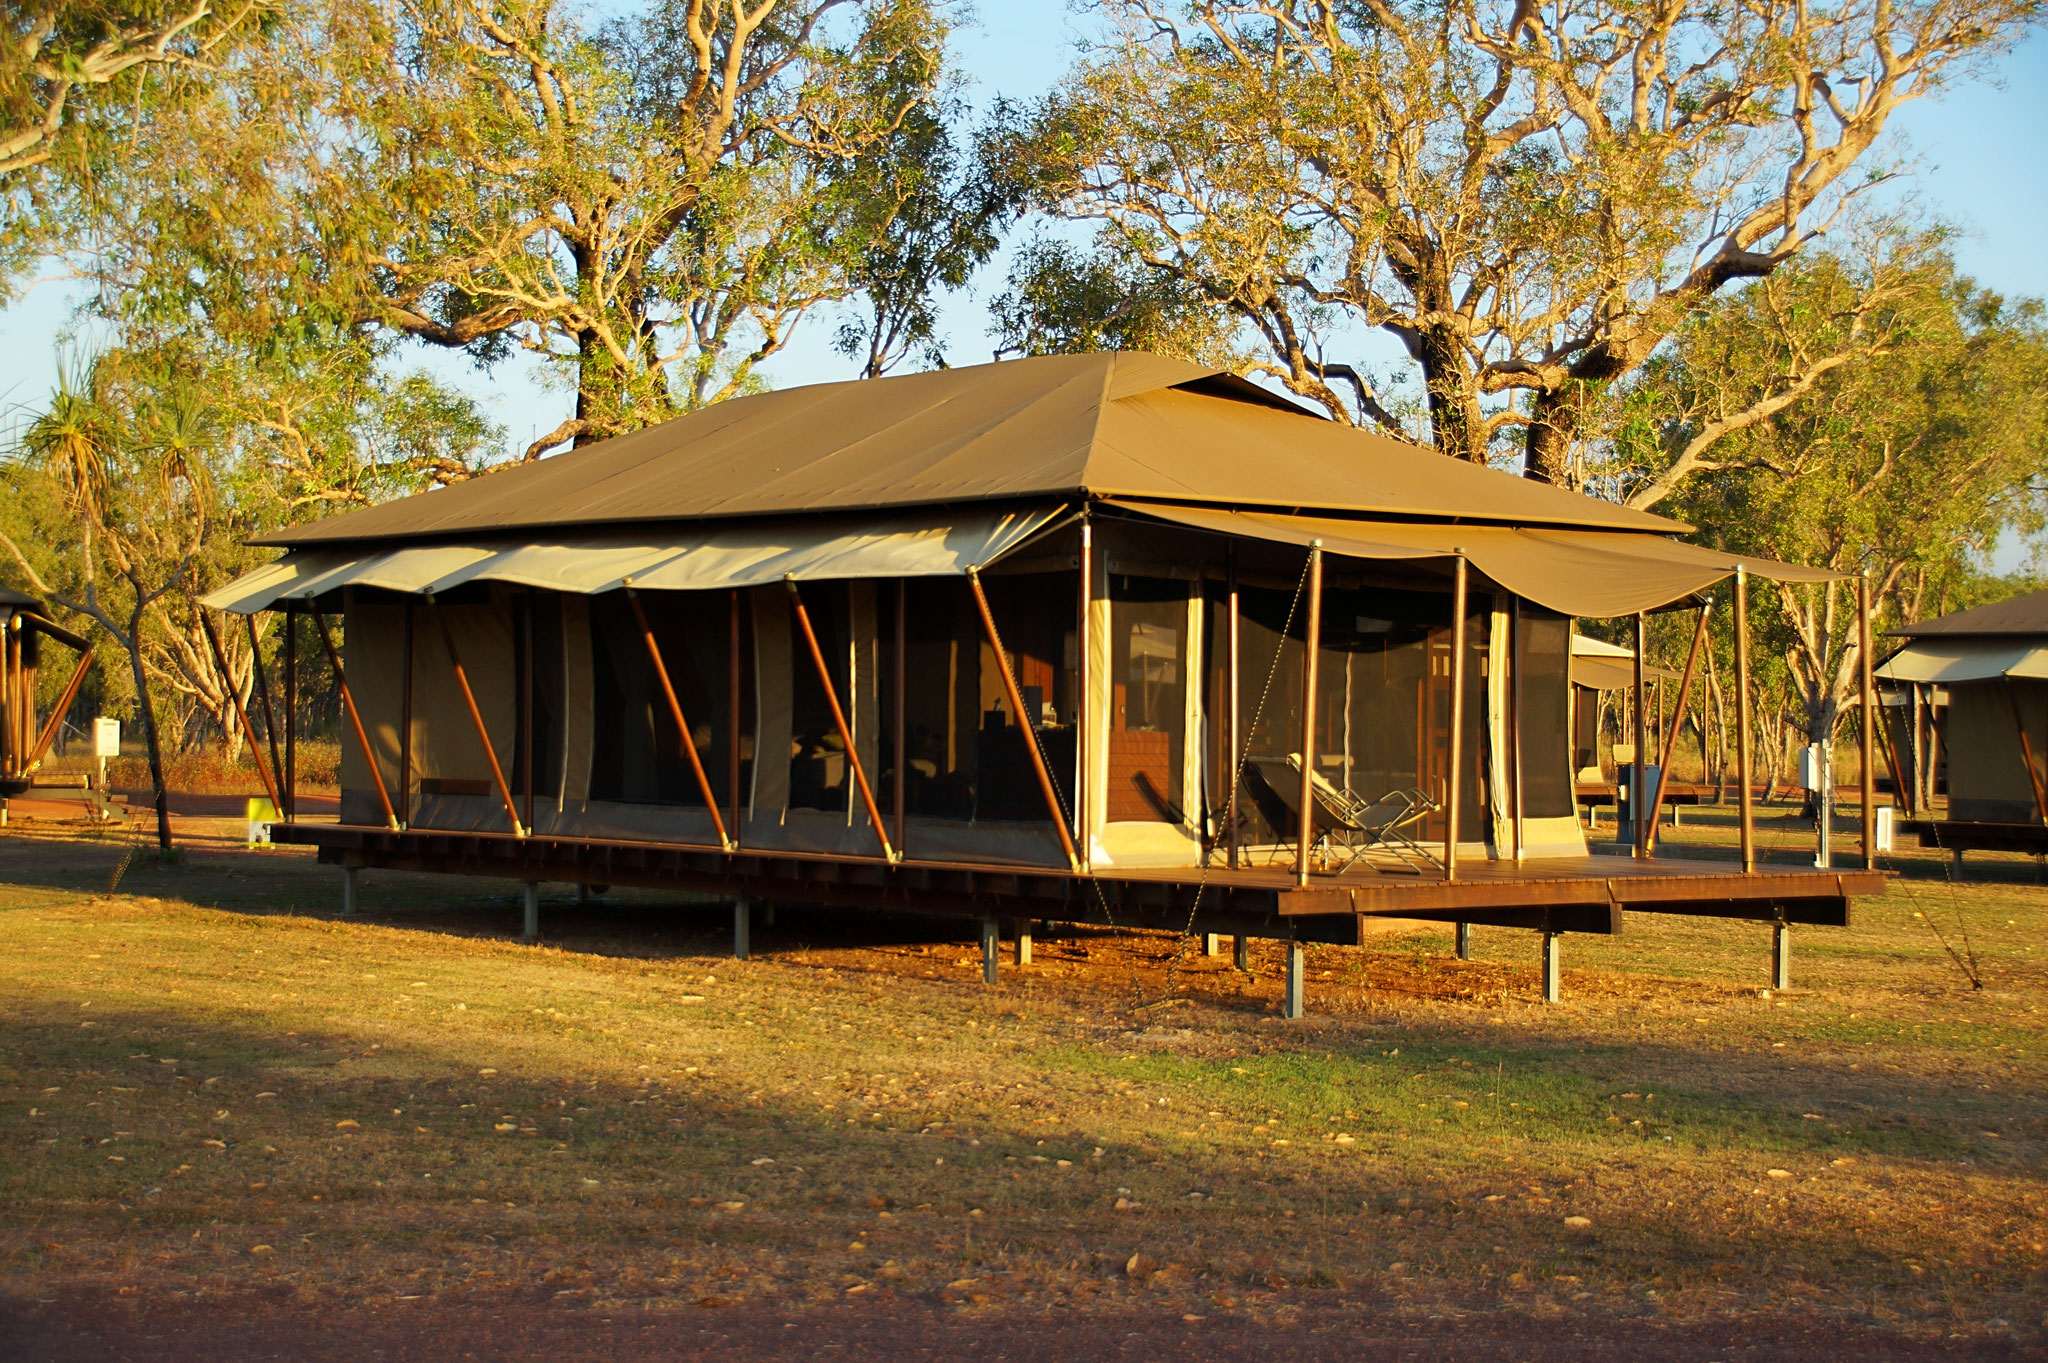 TOP 2 – Wildman Wilderness Lodge. Öko-Glamping im Busch in komfortablem Zelt. Lohnenswert: Airboat Safari und Bootsfahrt auf dem Home Billabong.